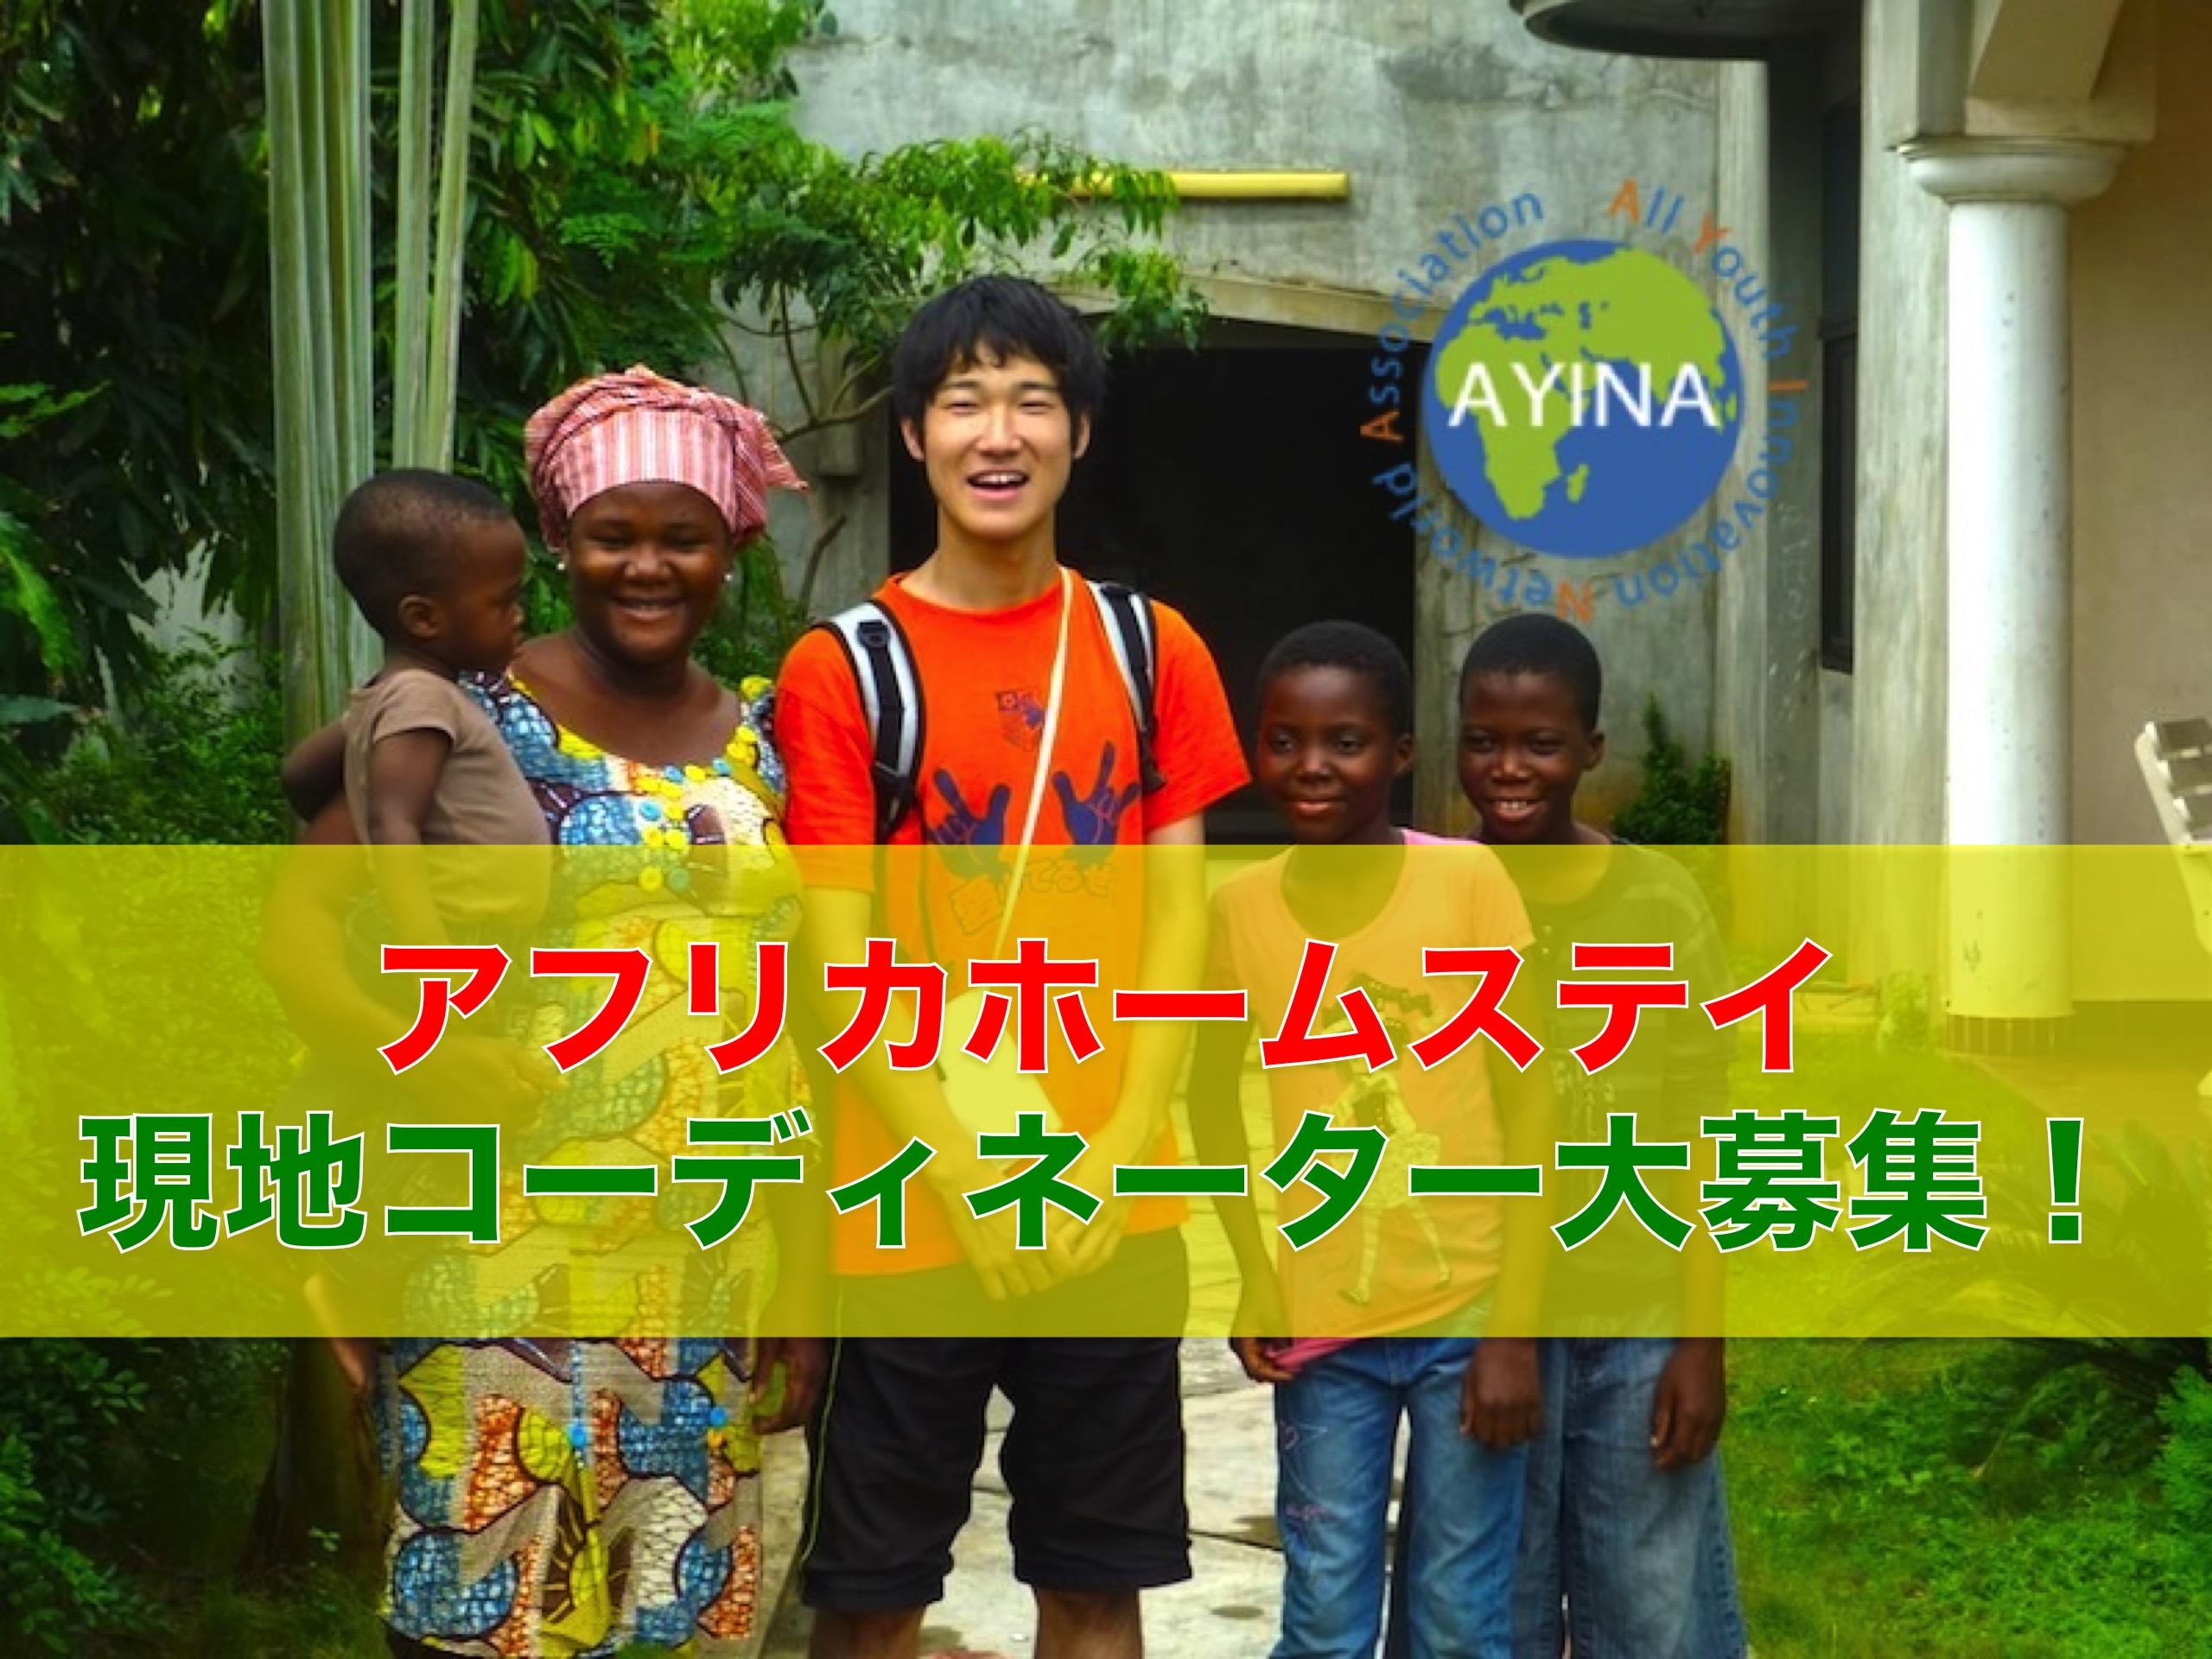 ついにアフリカ54ヵ国でホームステイが実現!?コーディネーター大募集